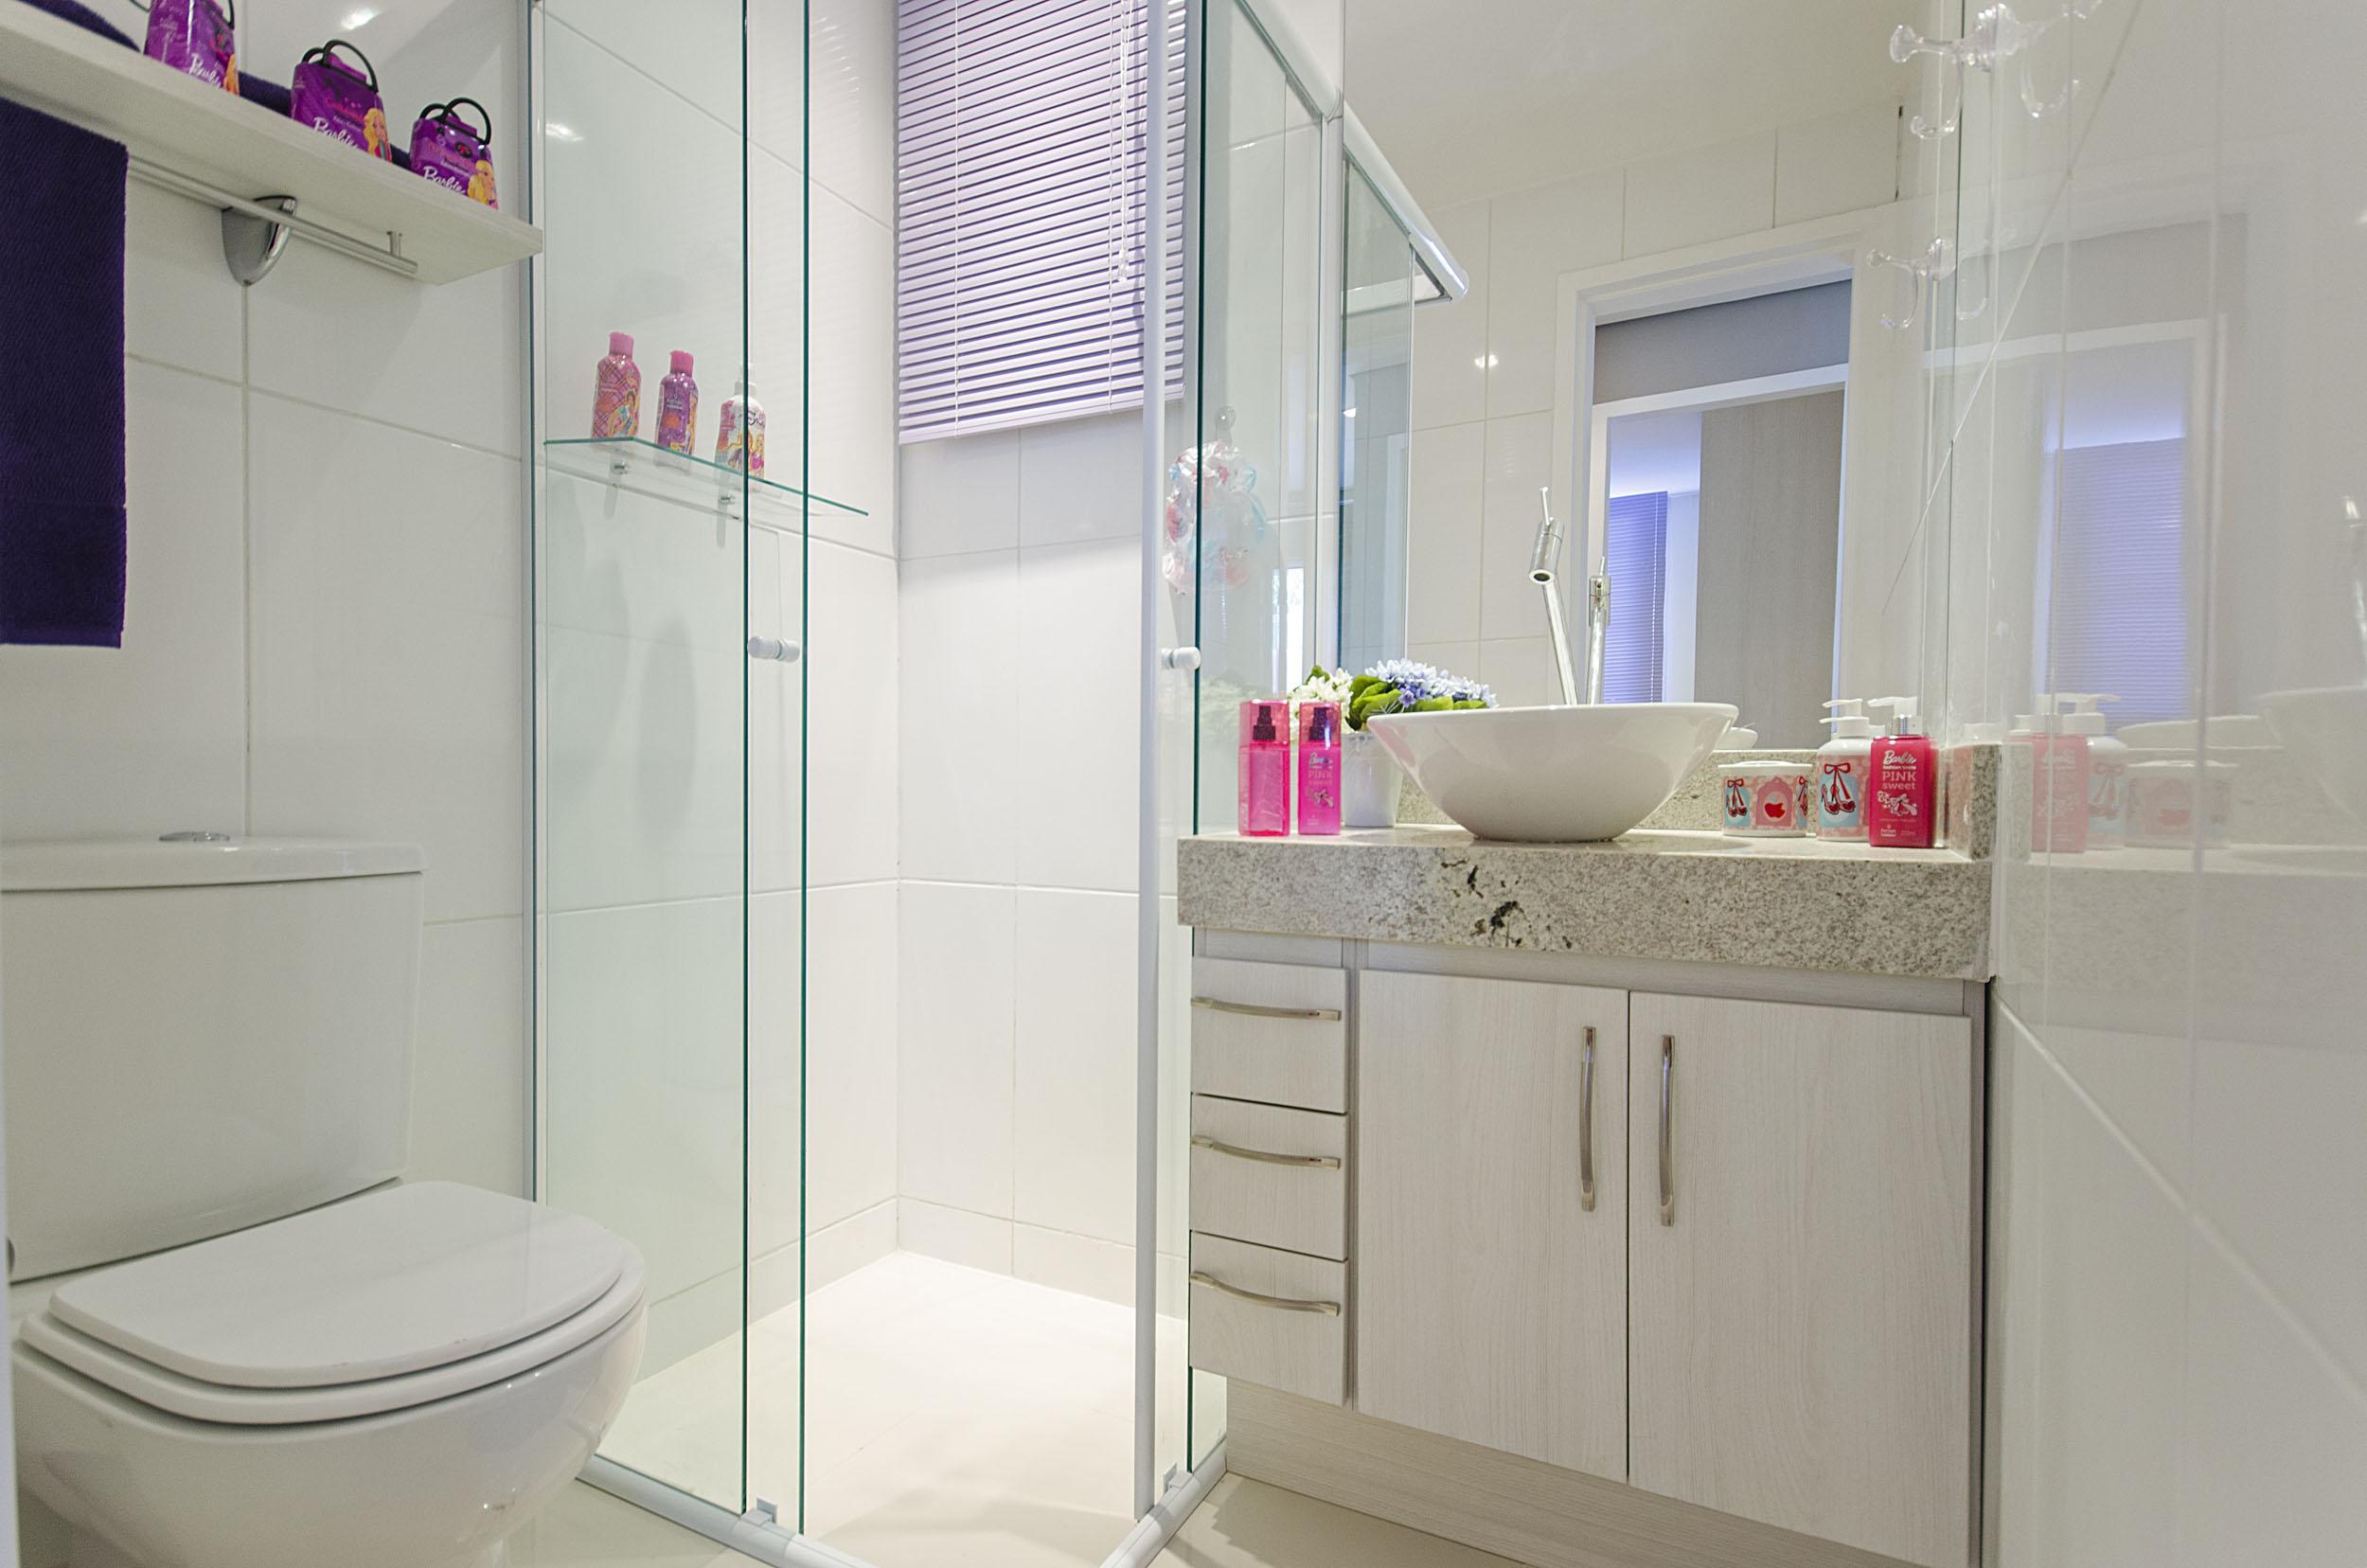 4 dicas para manter a organização do banheiro  Blog Corporativo MRV Engenhar -> Nicho Banheiro Led